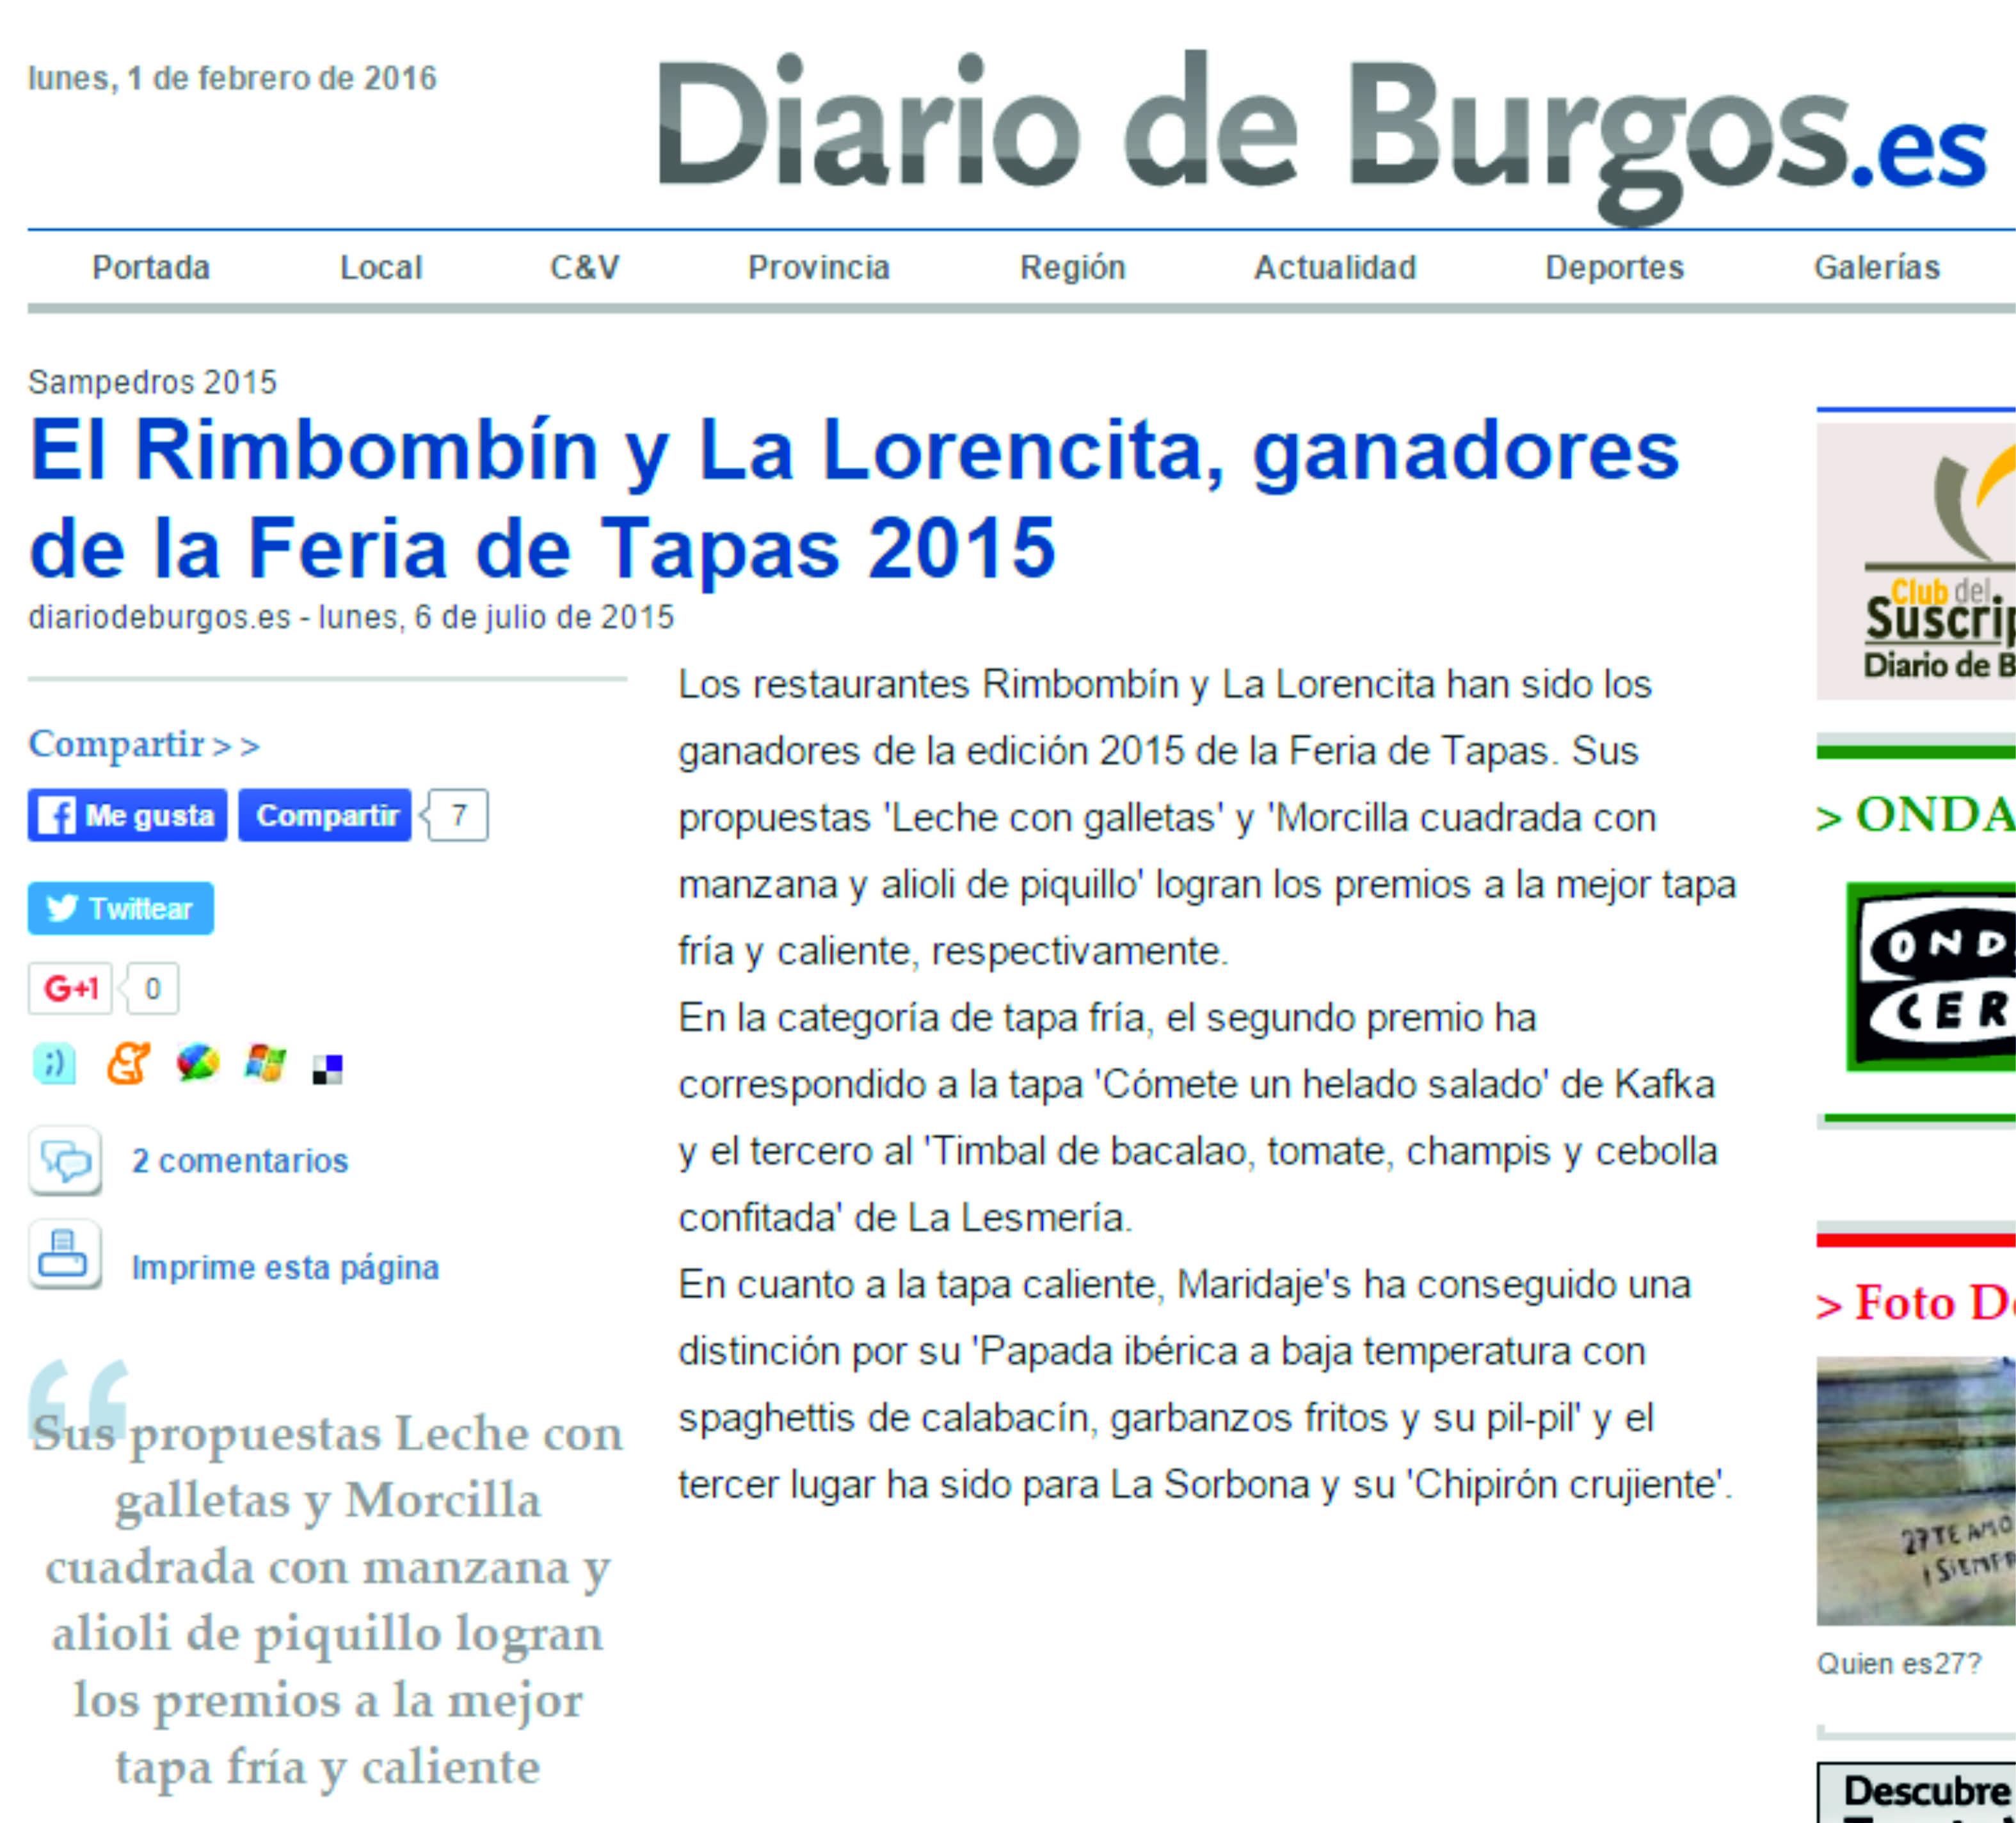 Diario de Burgos, Rimbombín ganador Feria Tapas 2015